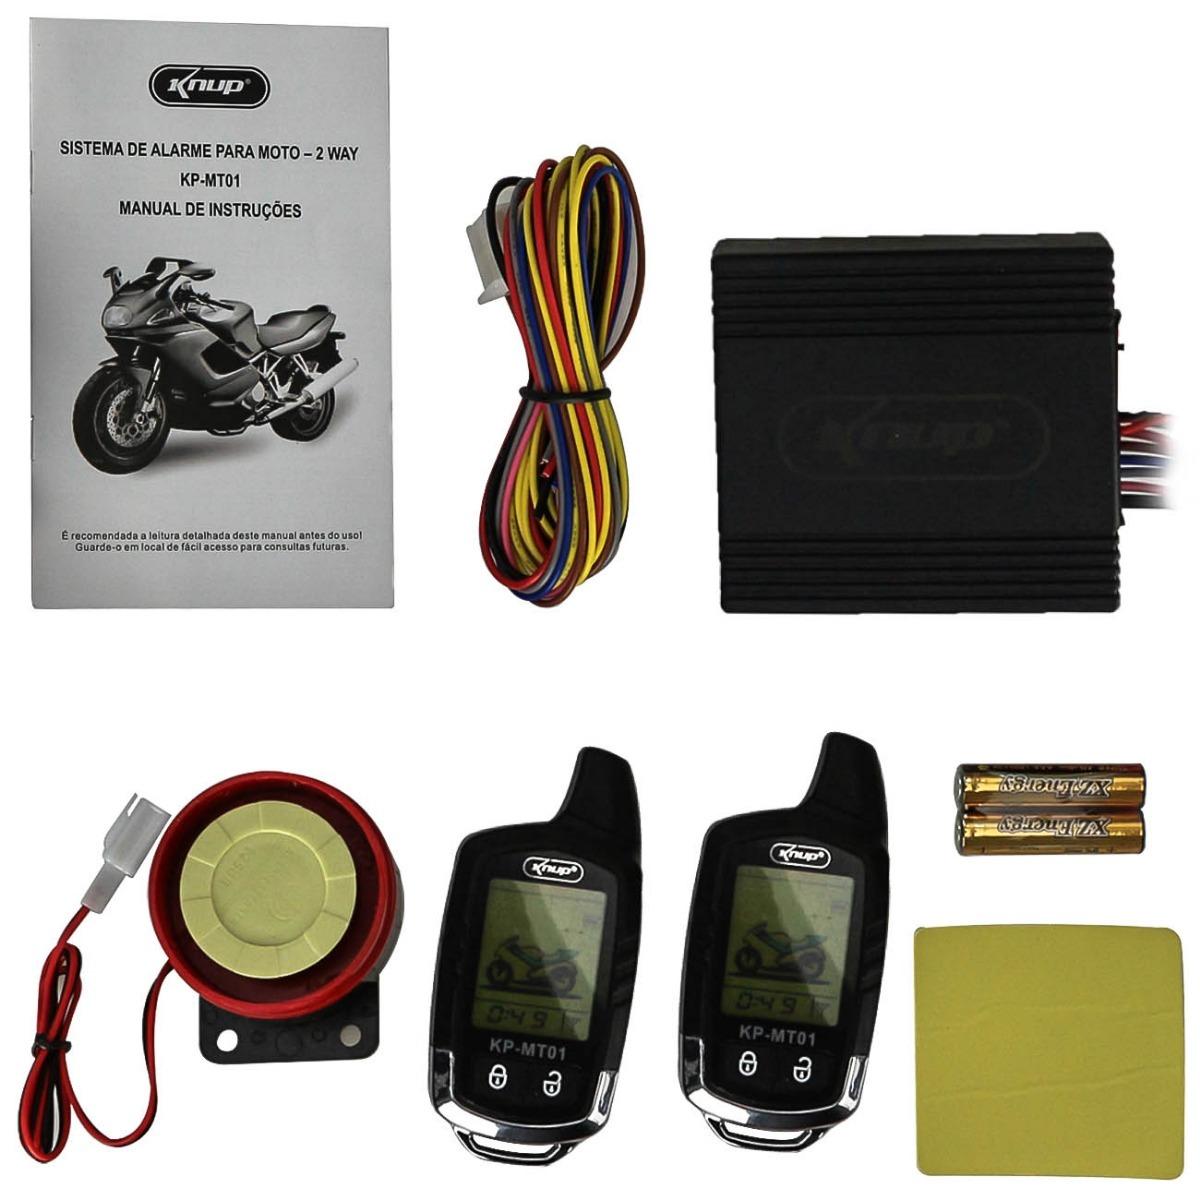 alarme para moto knup mt-01